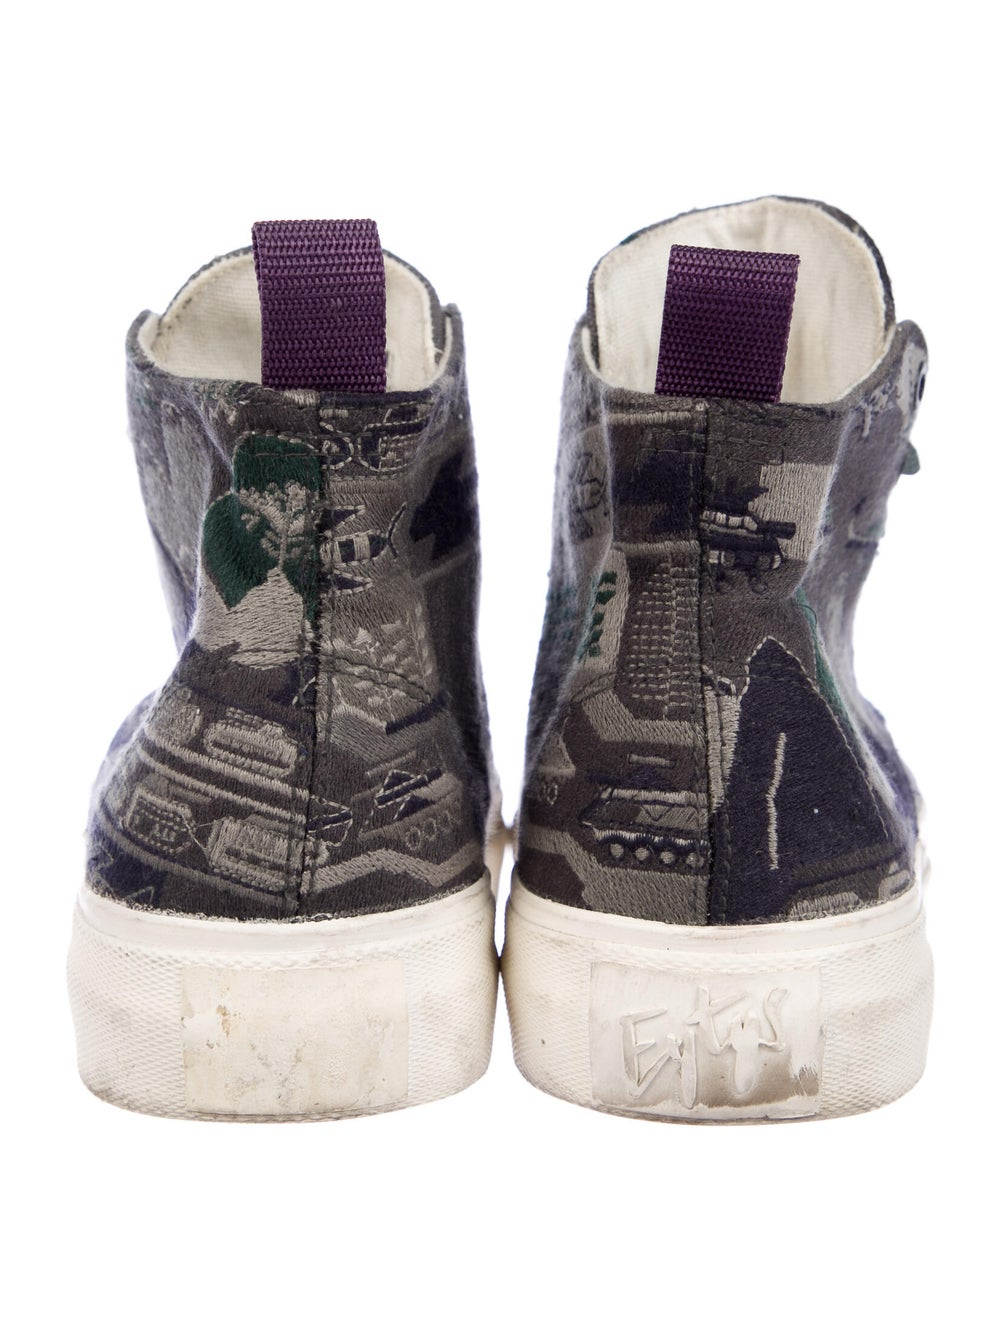 Eytys Printed Sneakers Green - image 4